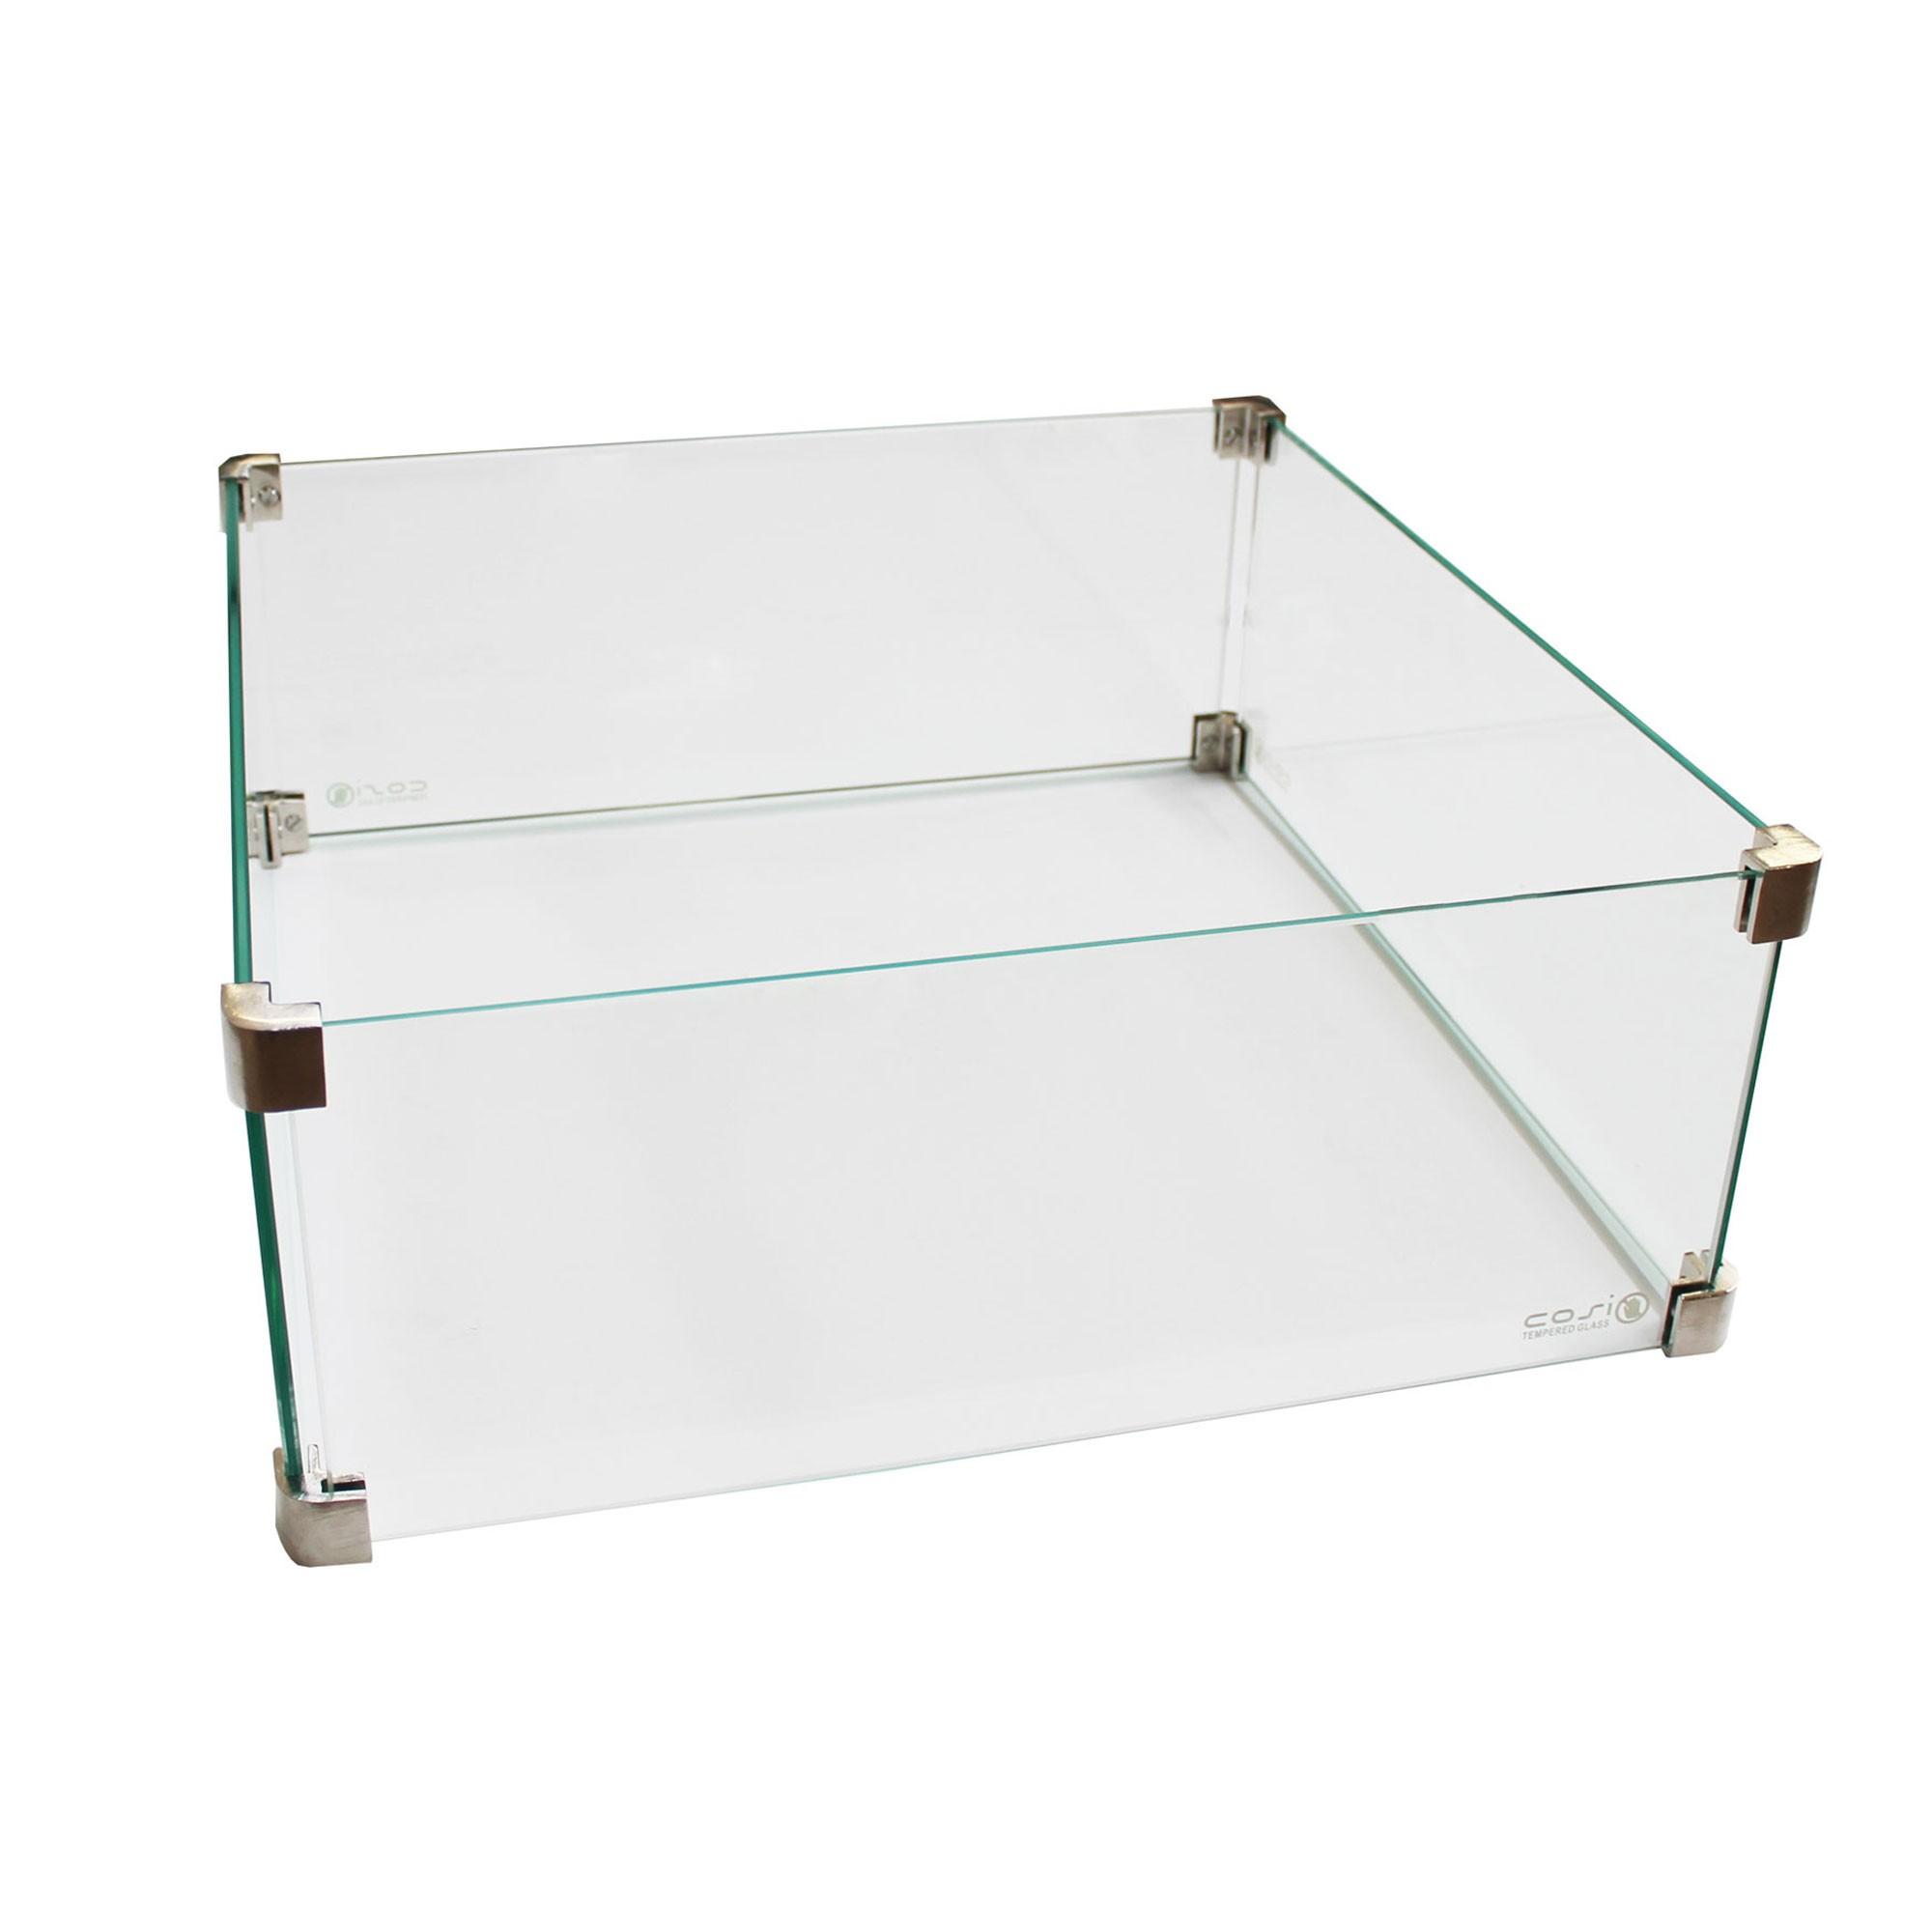 Afbeelding van Cosidrum Glasset Vierkant